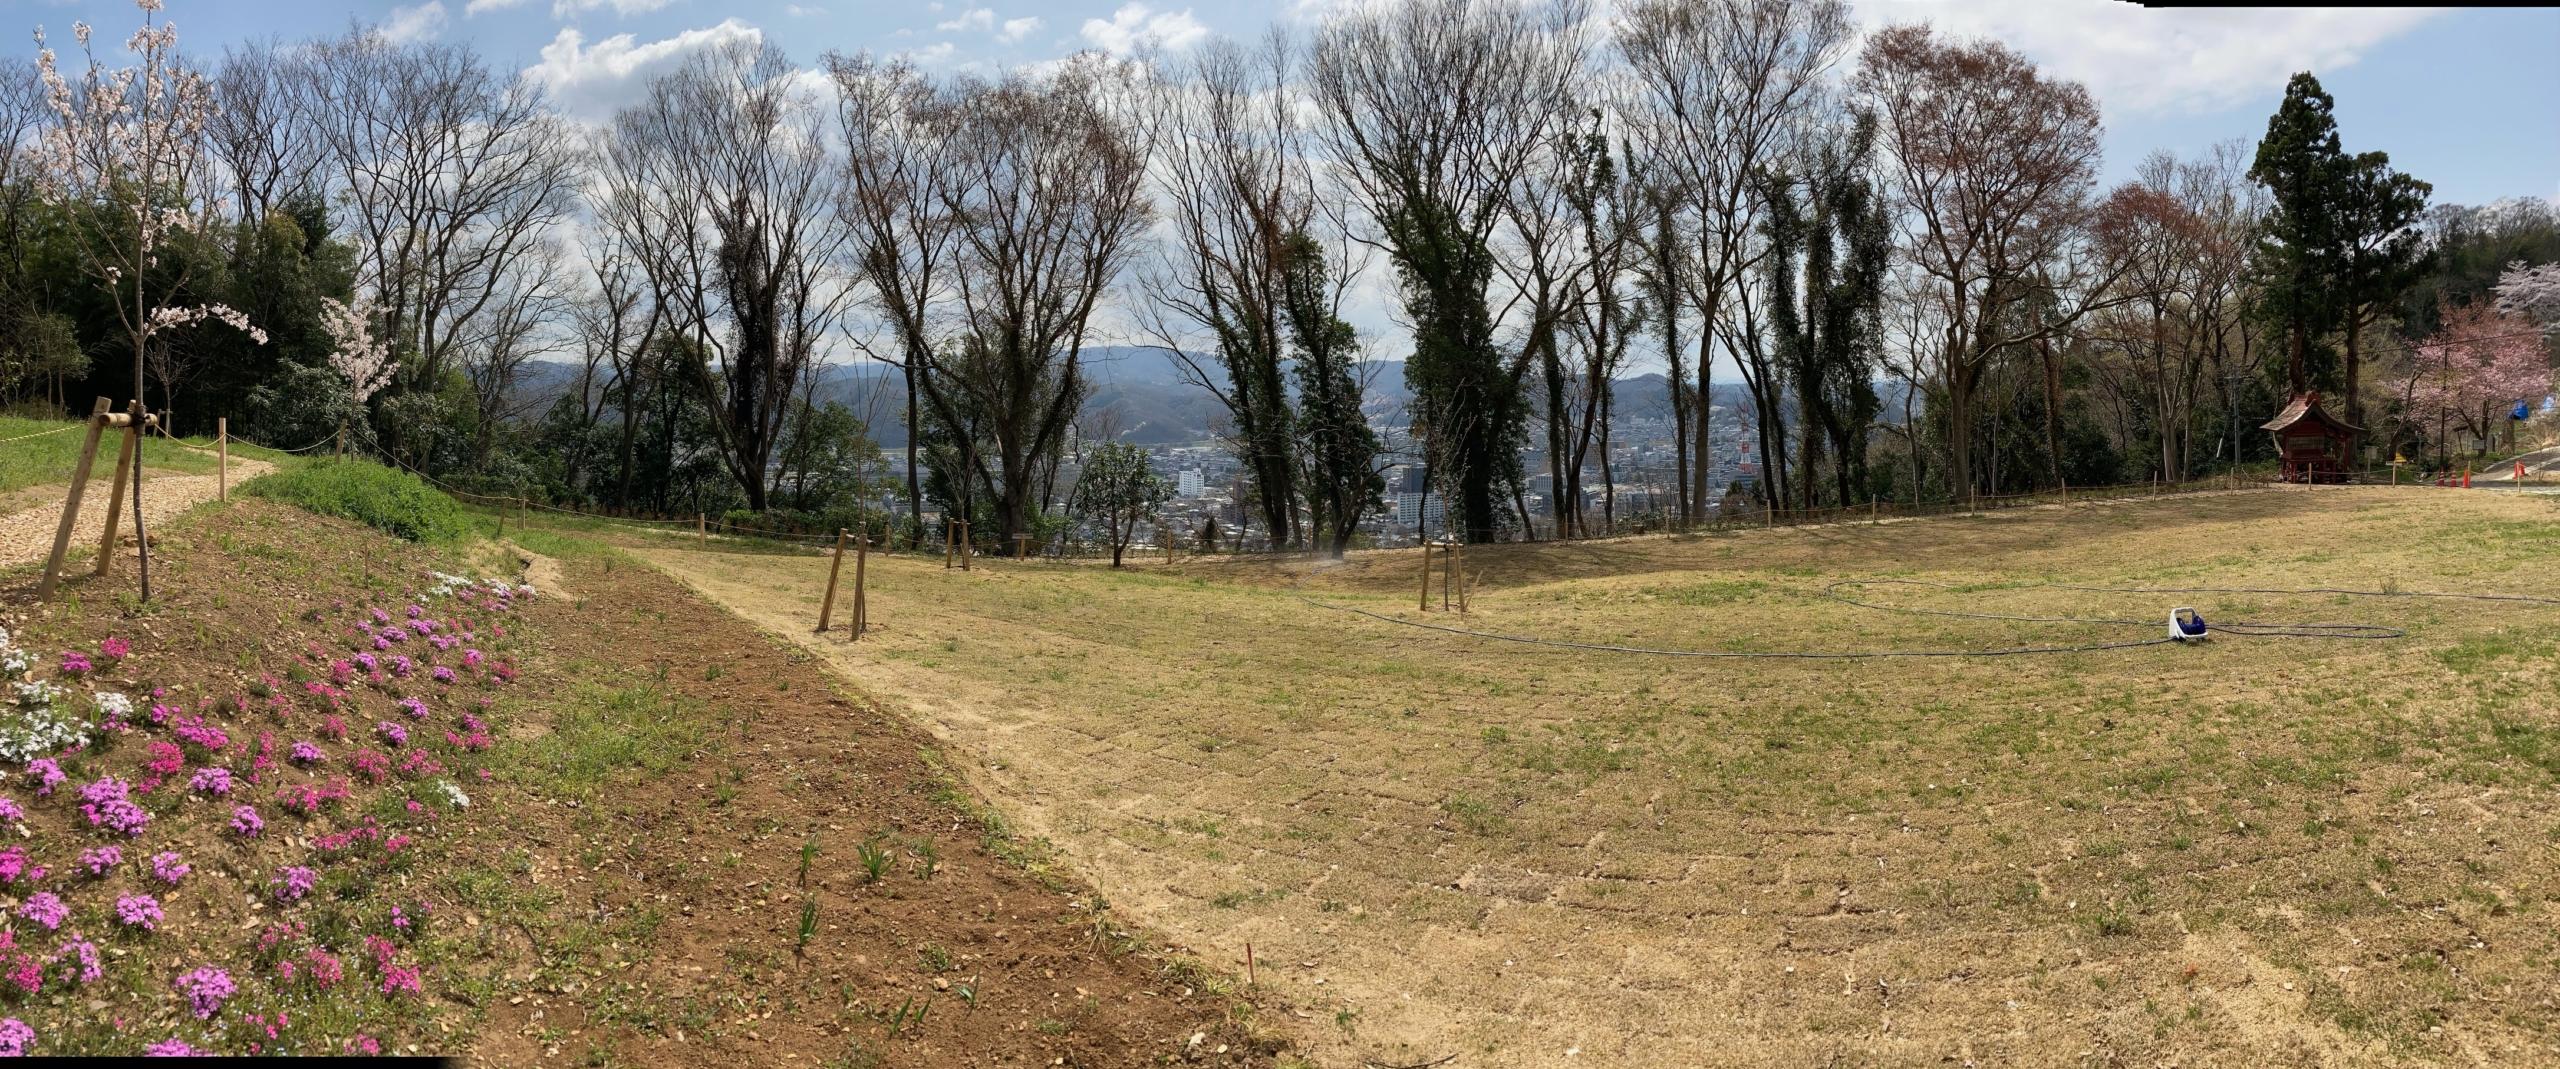 芝生エリア 芝桜見ごろ おみさか花広場 信夫山 しのぶやま